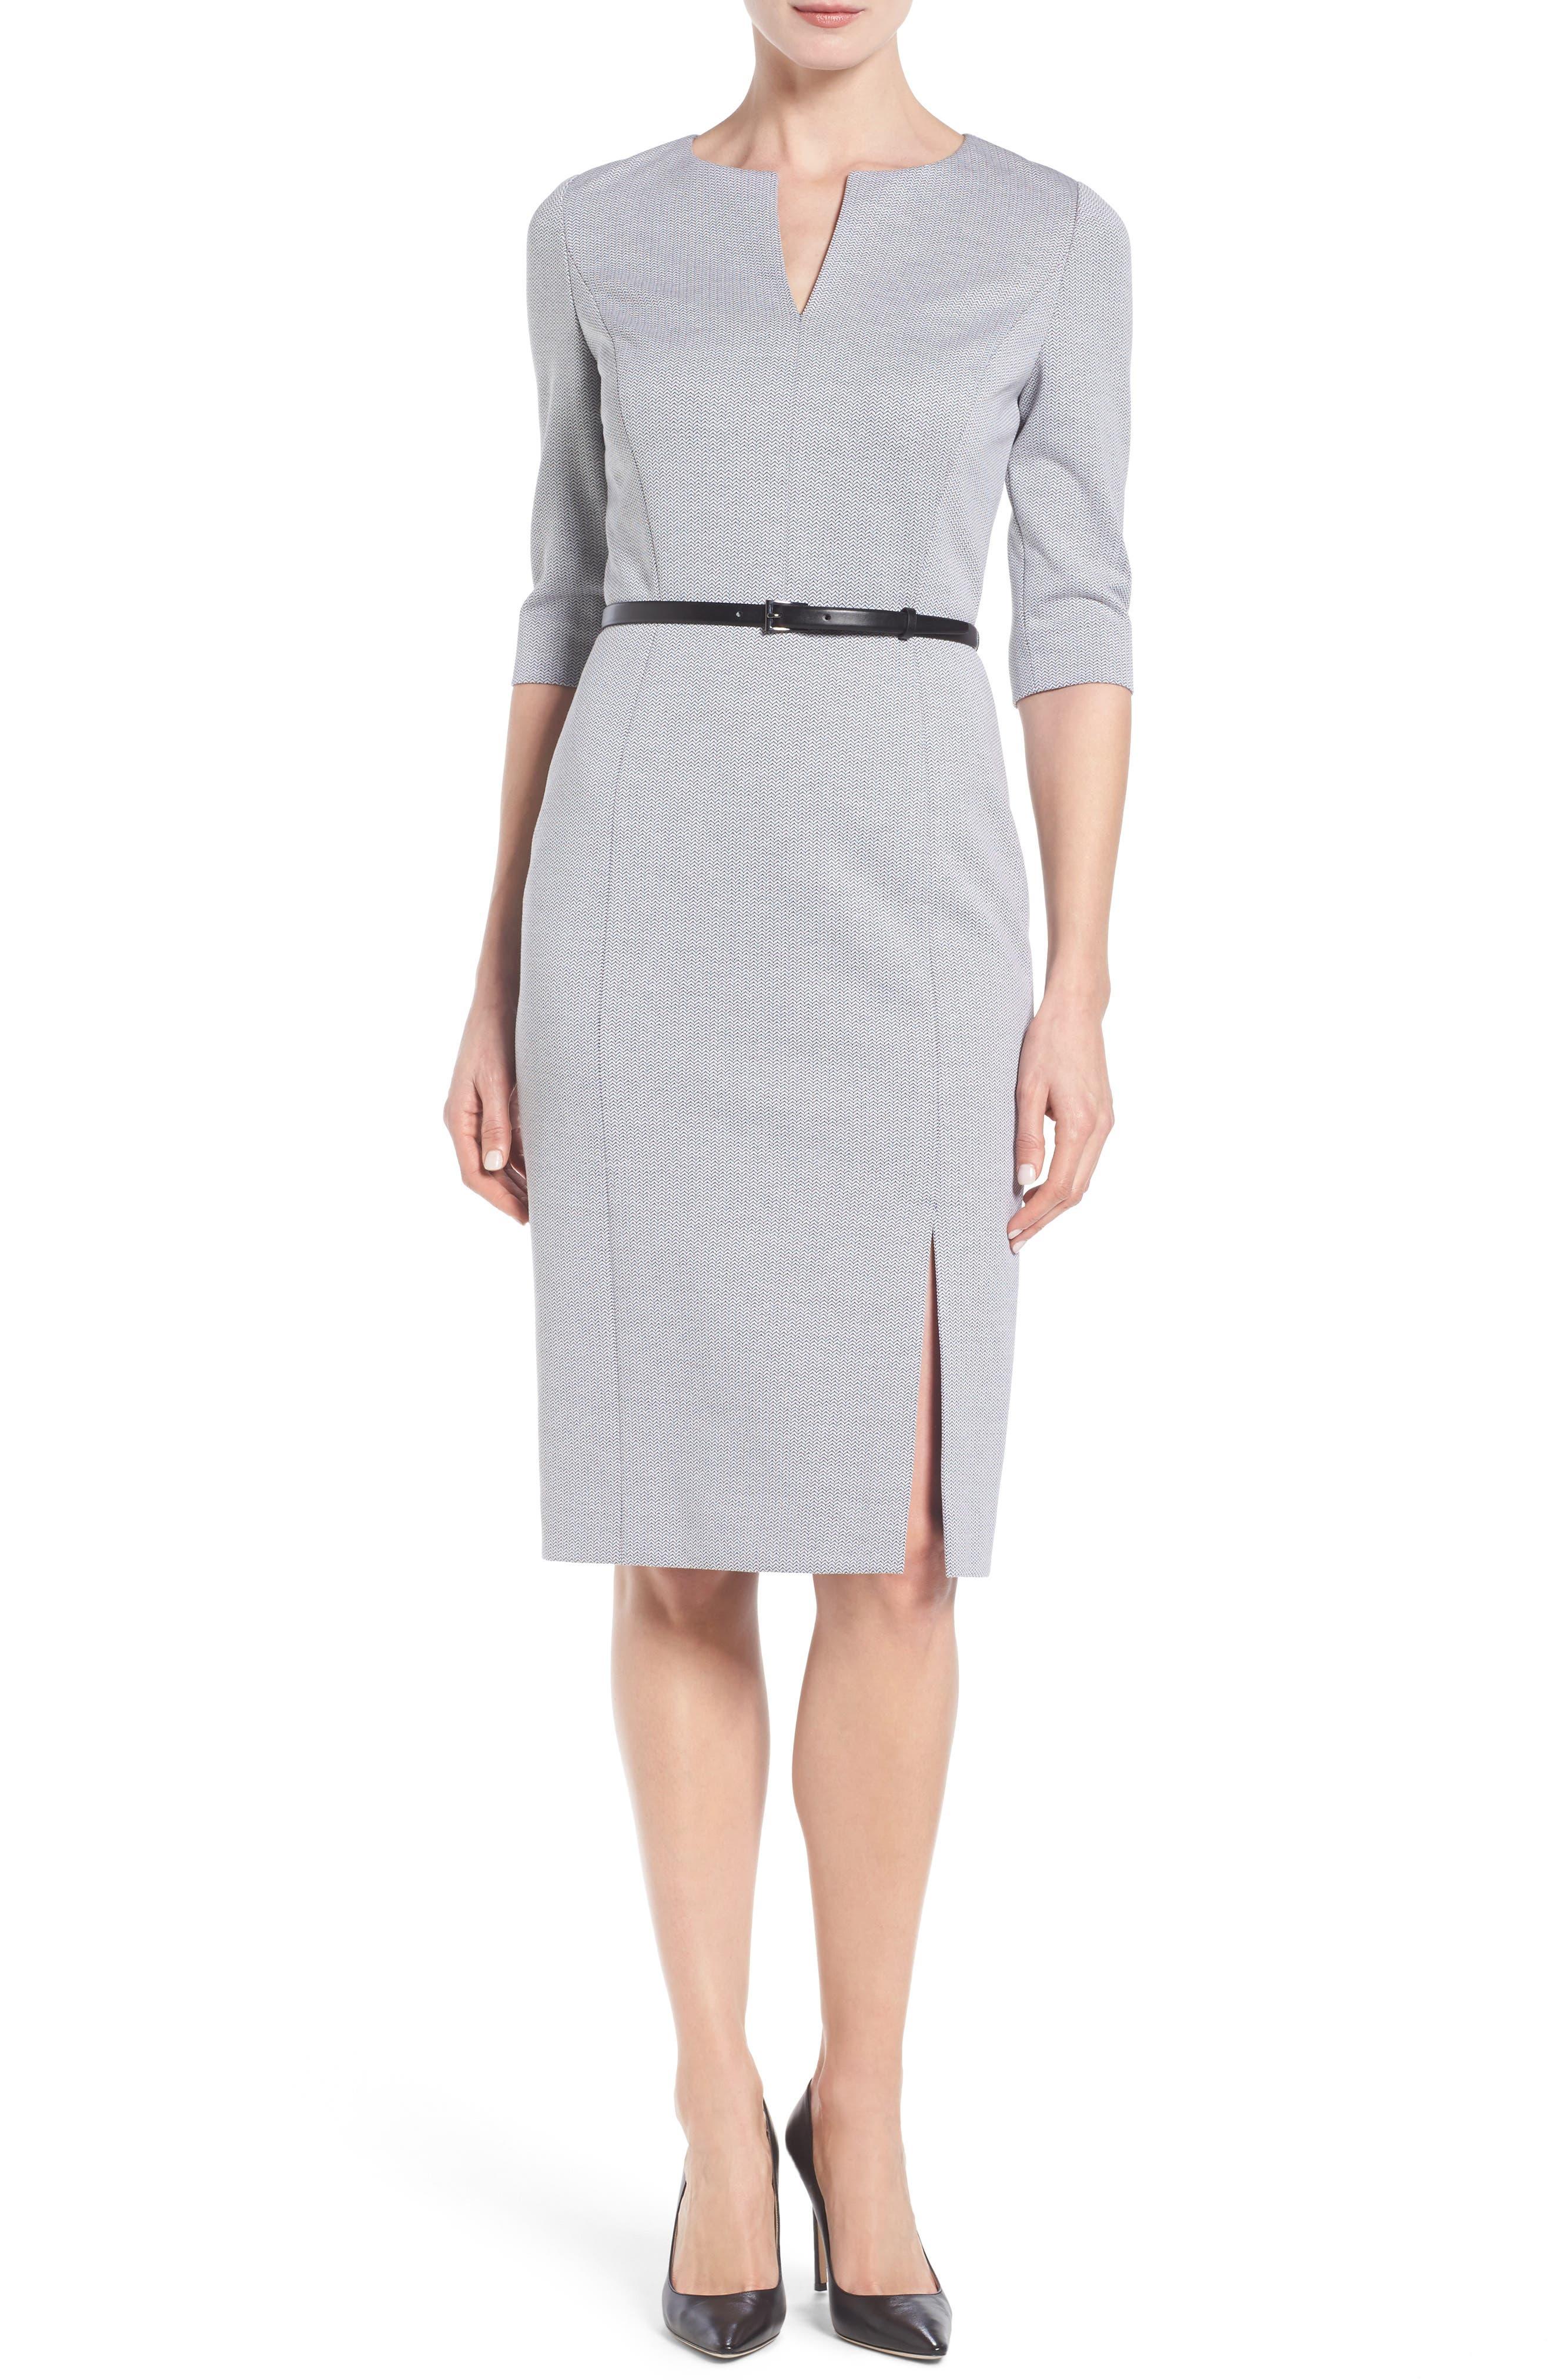 Main Image - Classiques Entier® Stretch Knit Sheath Dress